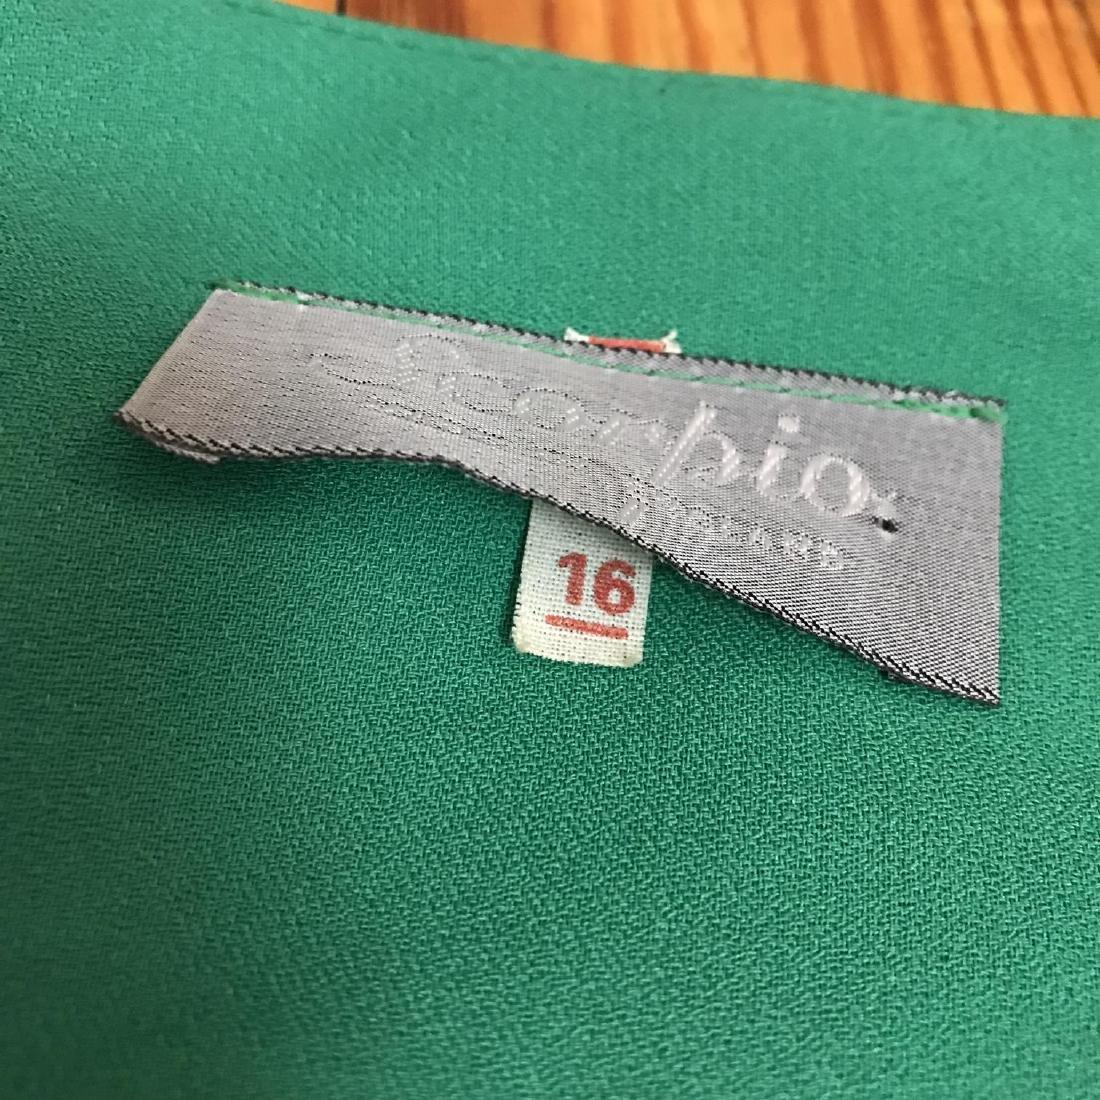 Vintage Women's Blouse Shirt Jacket Size US 12 UK 16 - 8